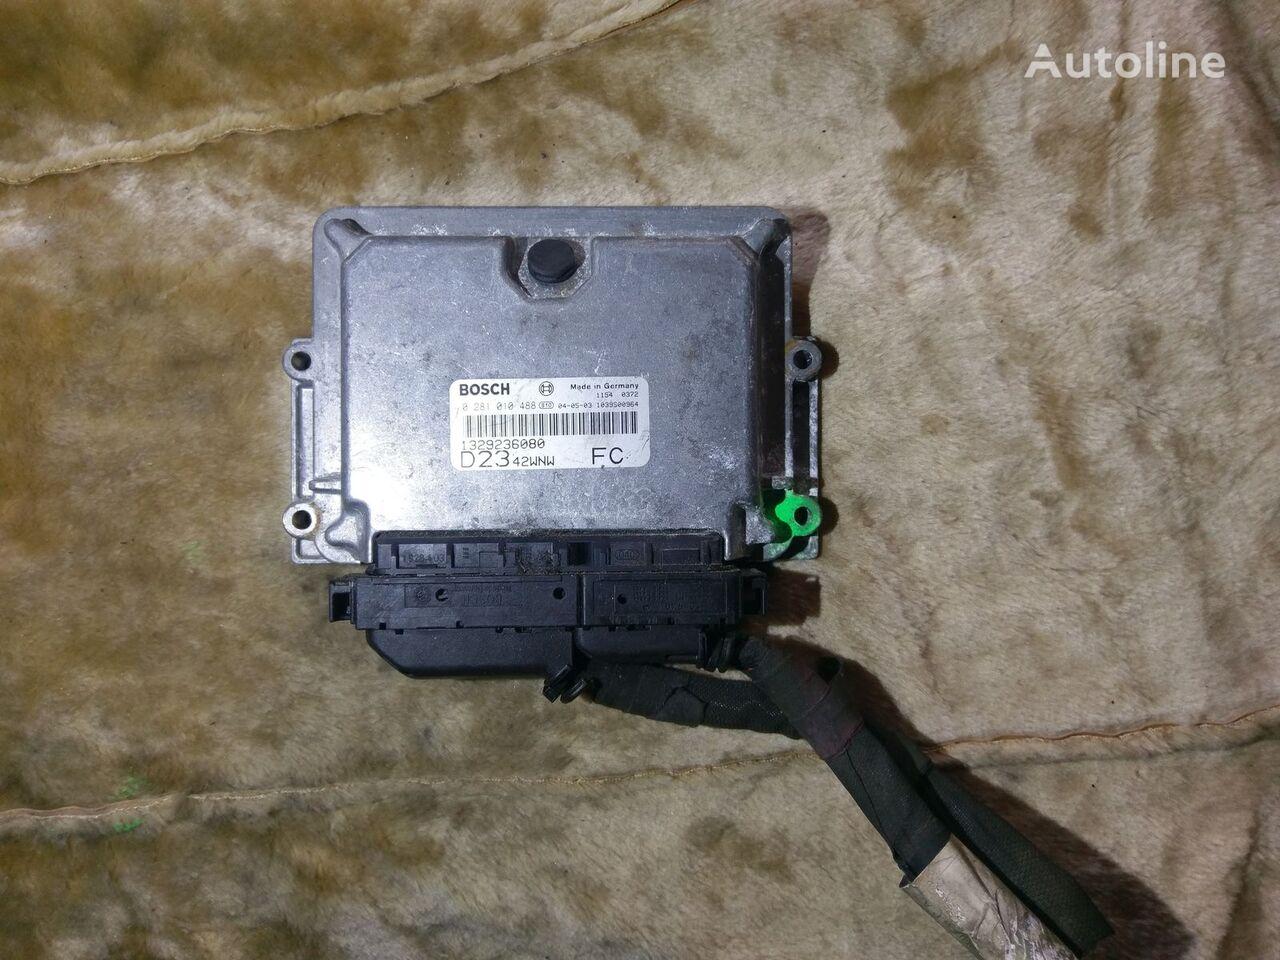 BOSCH unidad de control para FIAT DUCATO automóvil